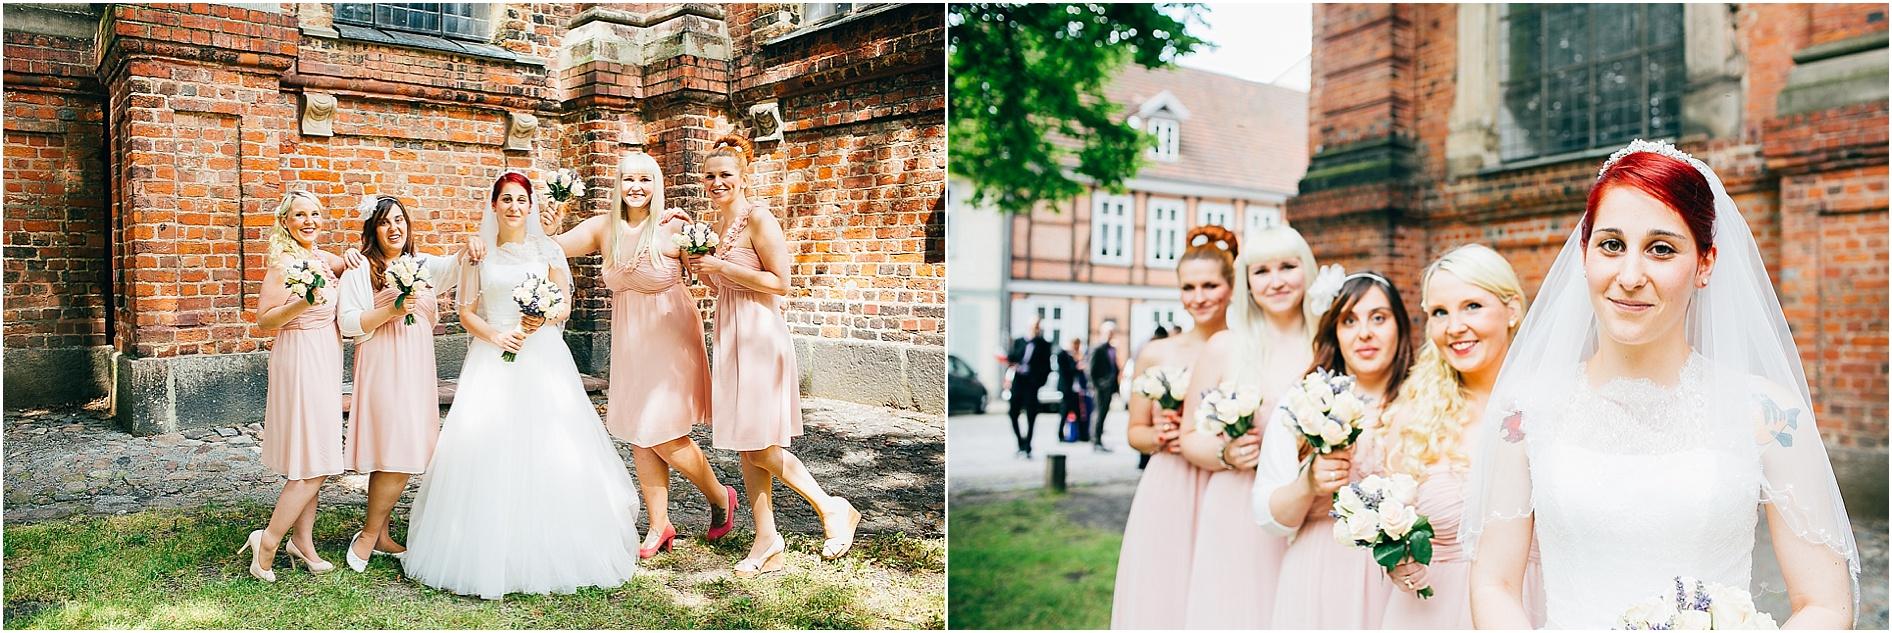 2014-07-22_0048 Sophie & Friedrich Hochzeit am Schweriner Schloss